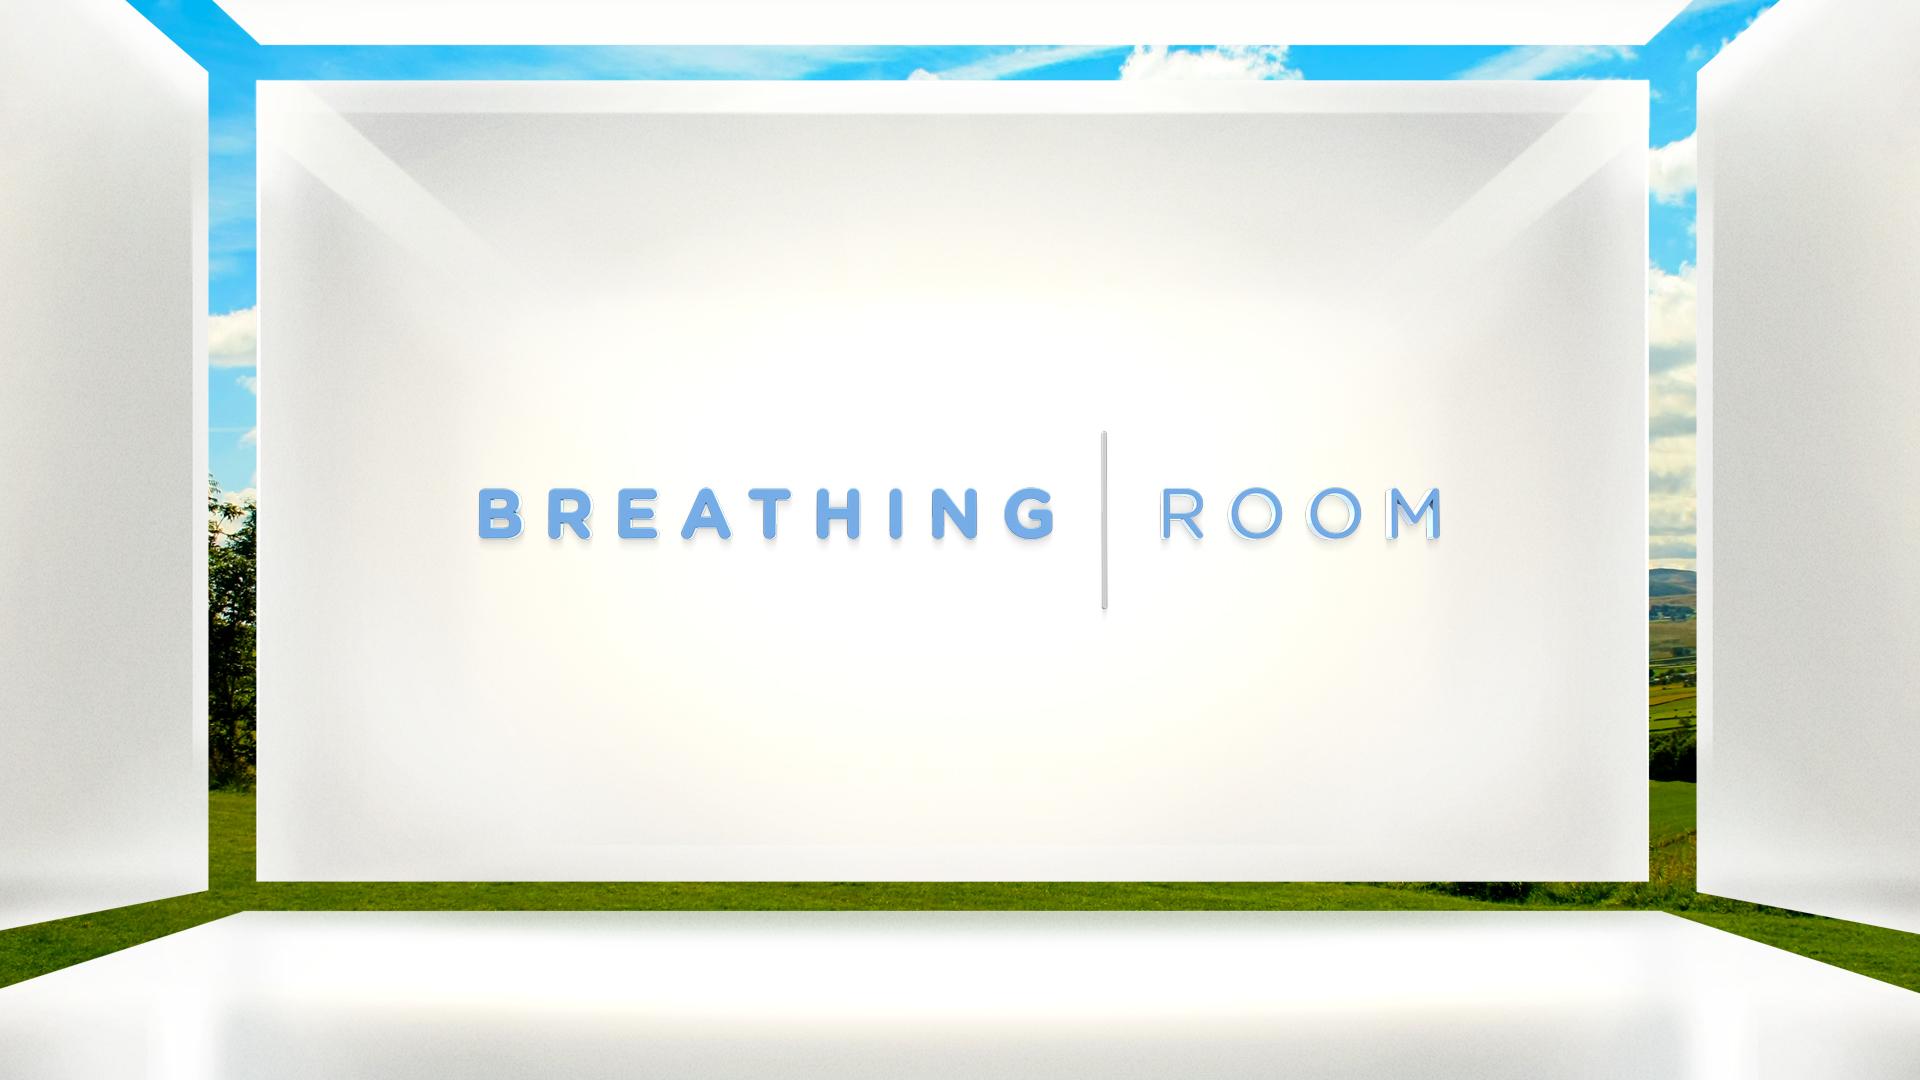 Breathing-Room-1920x1080